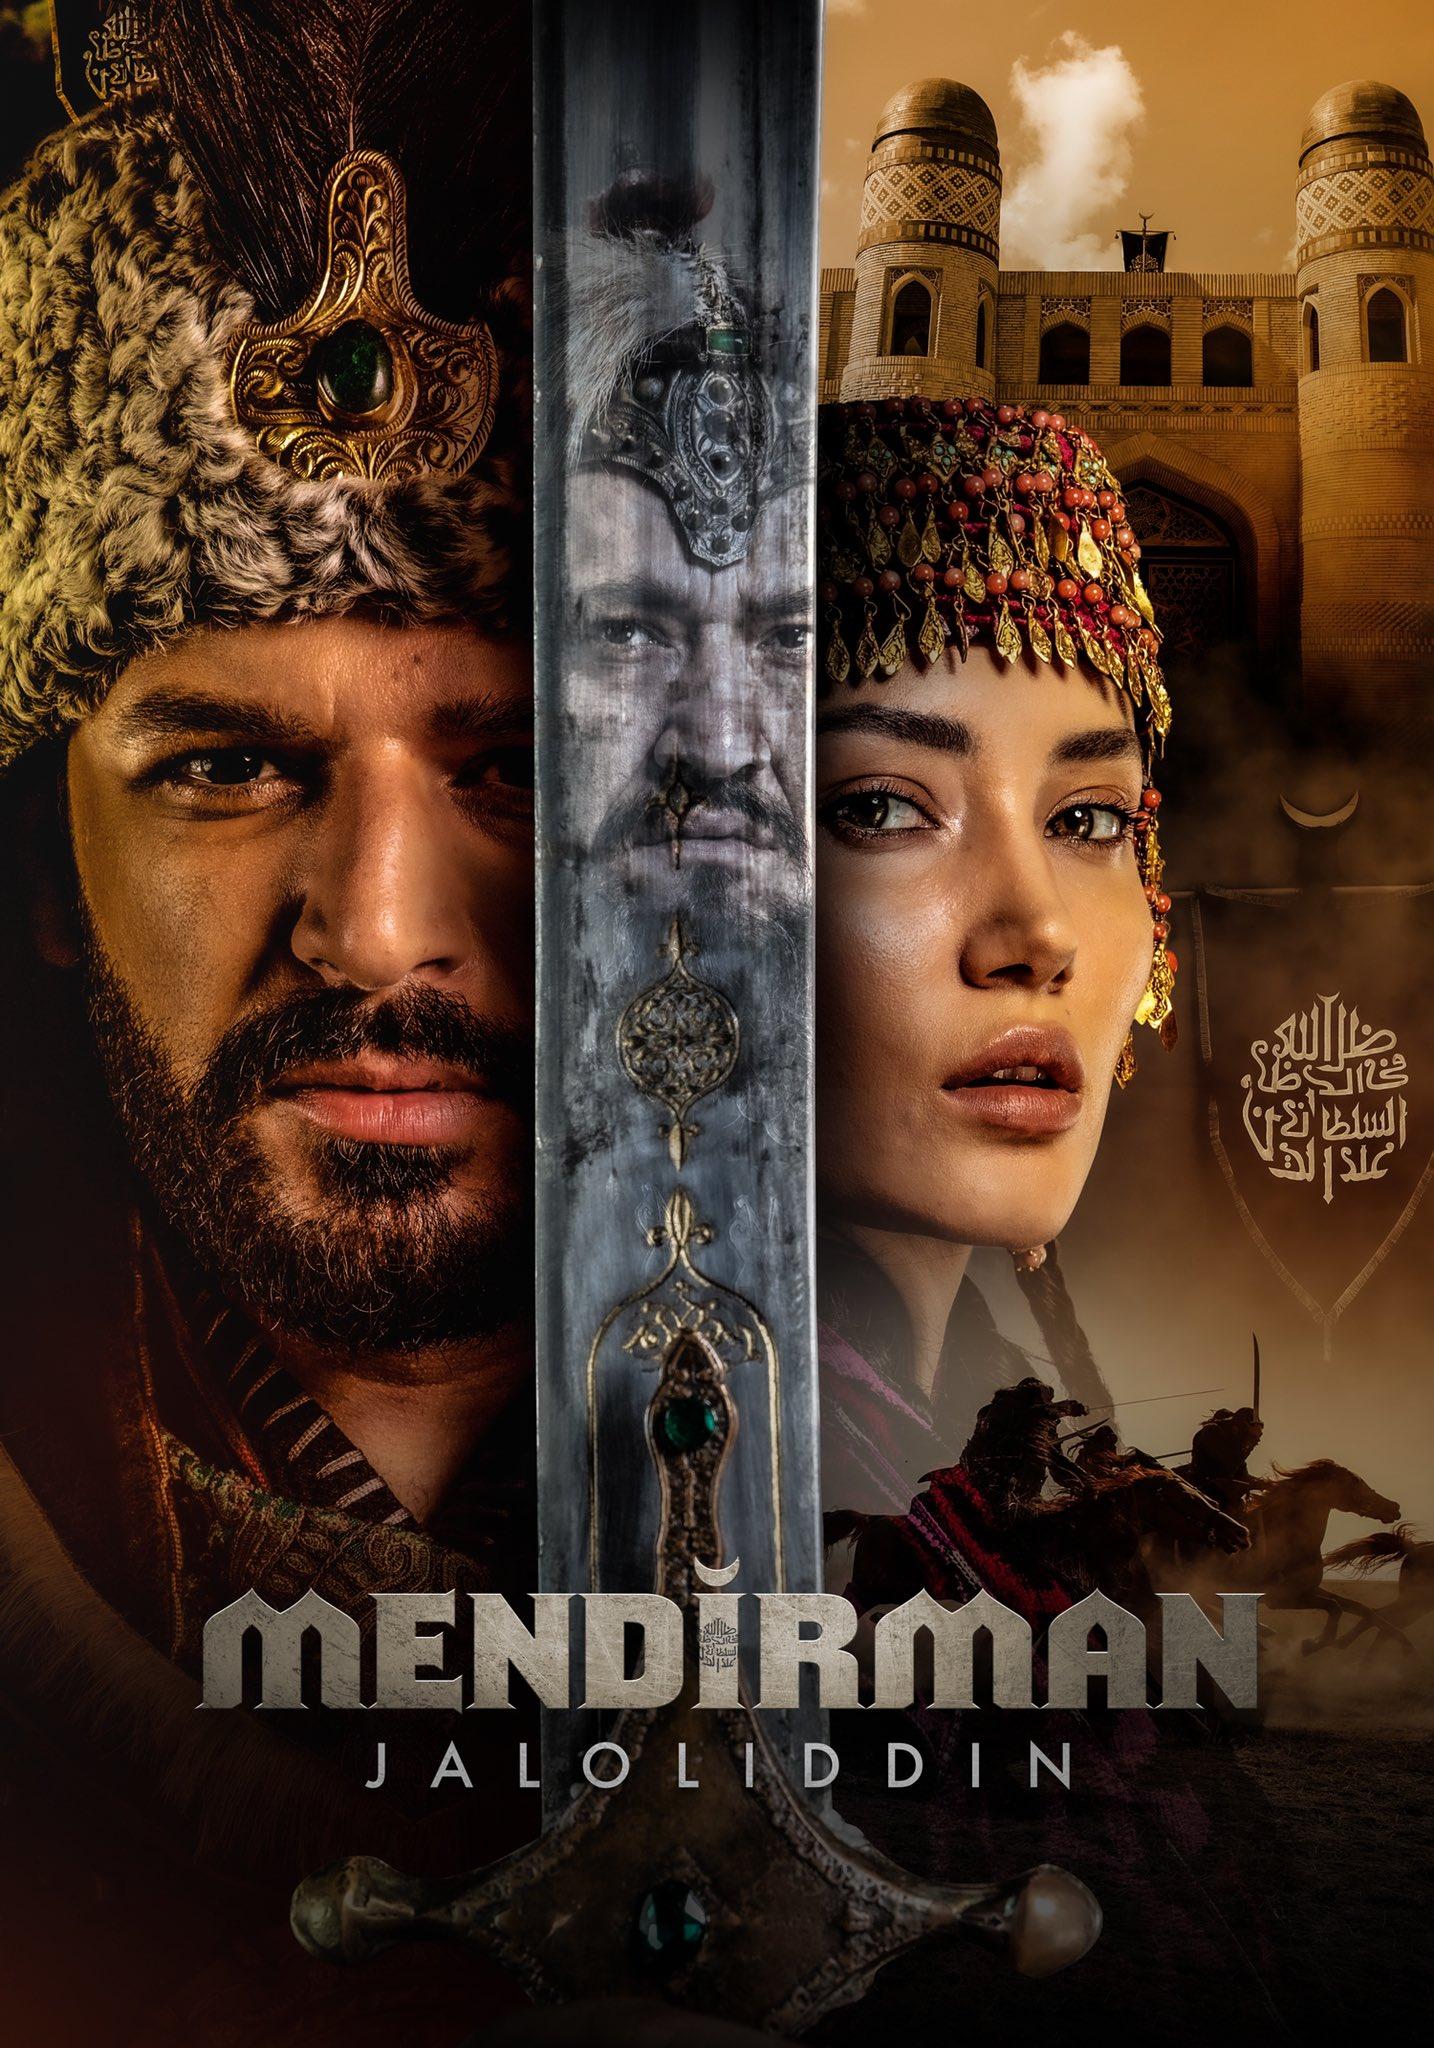 Я и есть Джелаладдин/Mendirman Jaloliddin